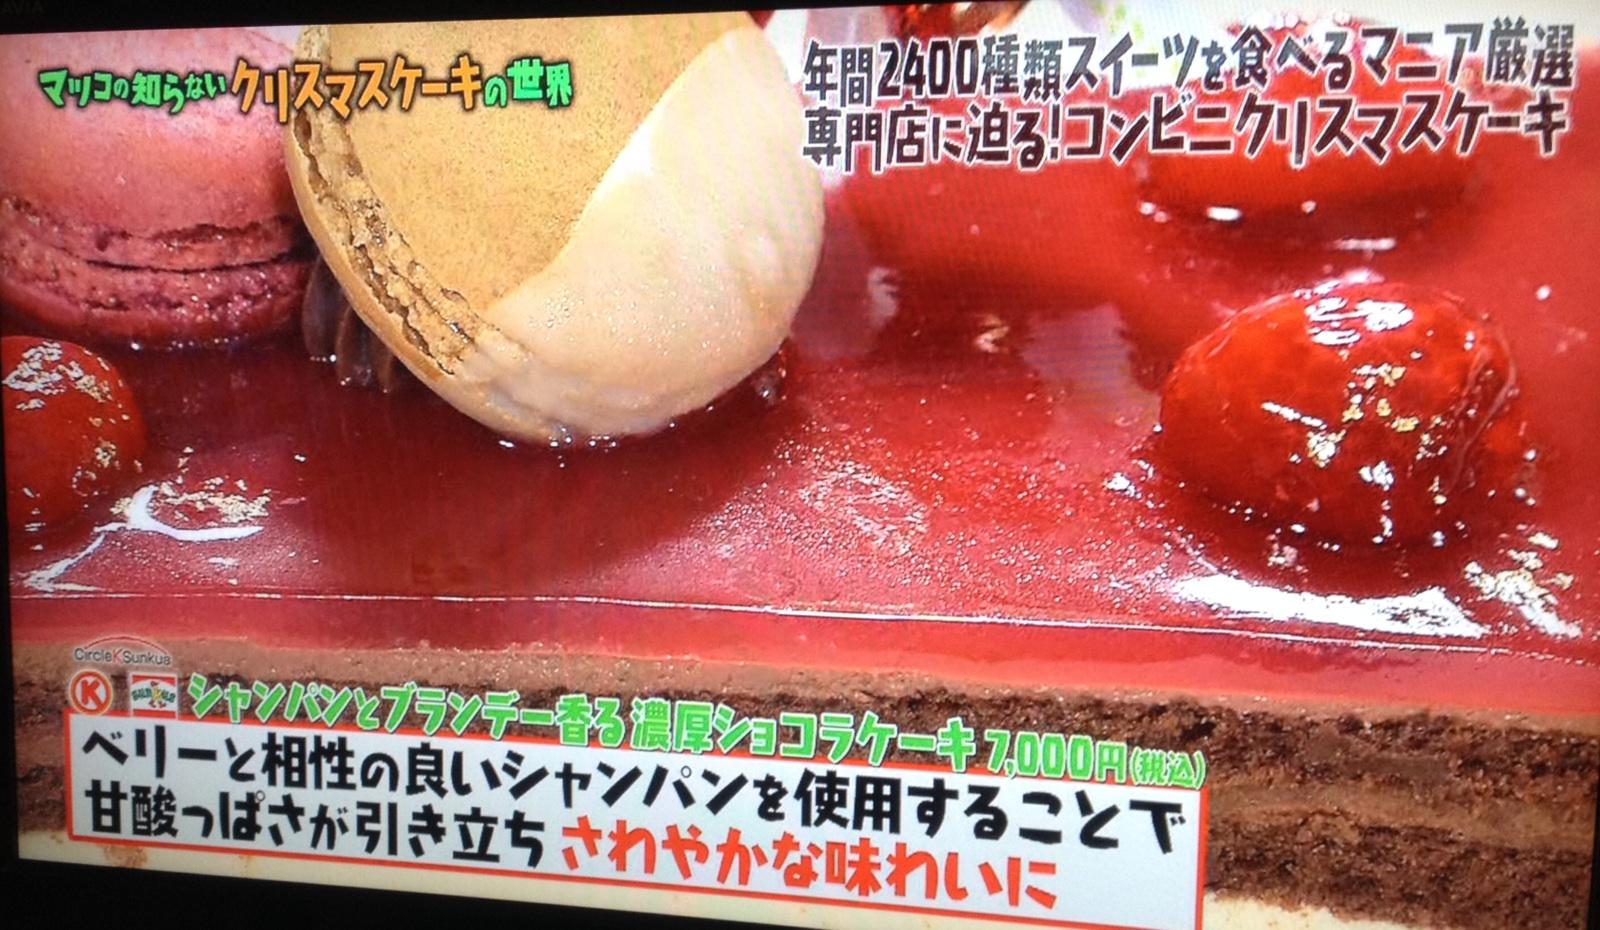 マツコデラックス×クリスマスケーキの世界×マツコの知らない世界×平岩理緒×濃厚ショコラケーキ×サークルKサンクス